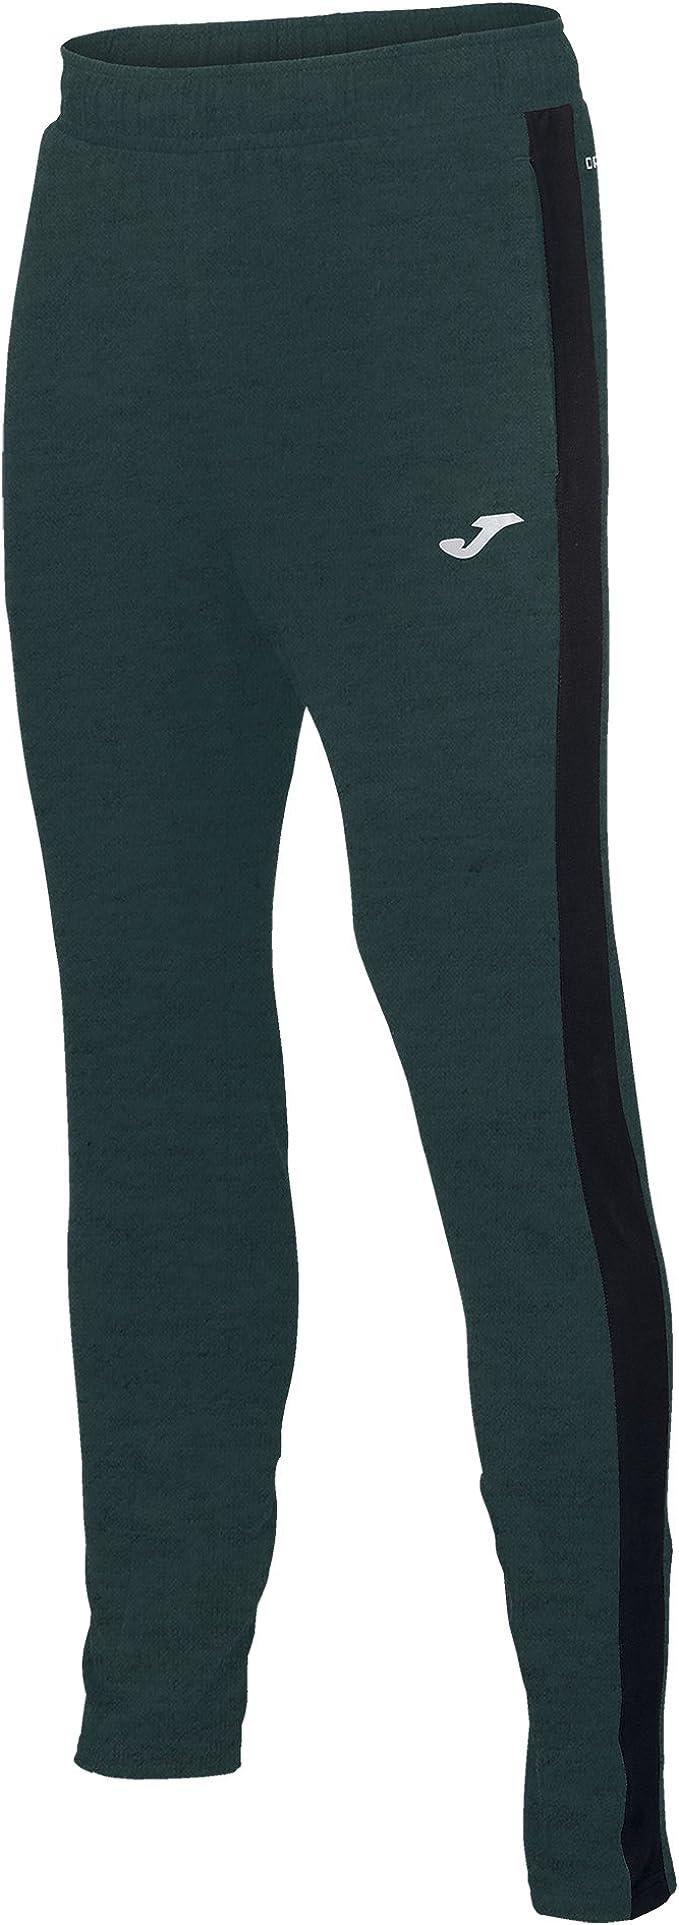 Joma Hybrid Pantalones, Hombre: Amazon.es: Ropa y accesorios